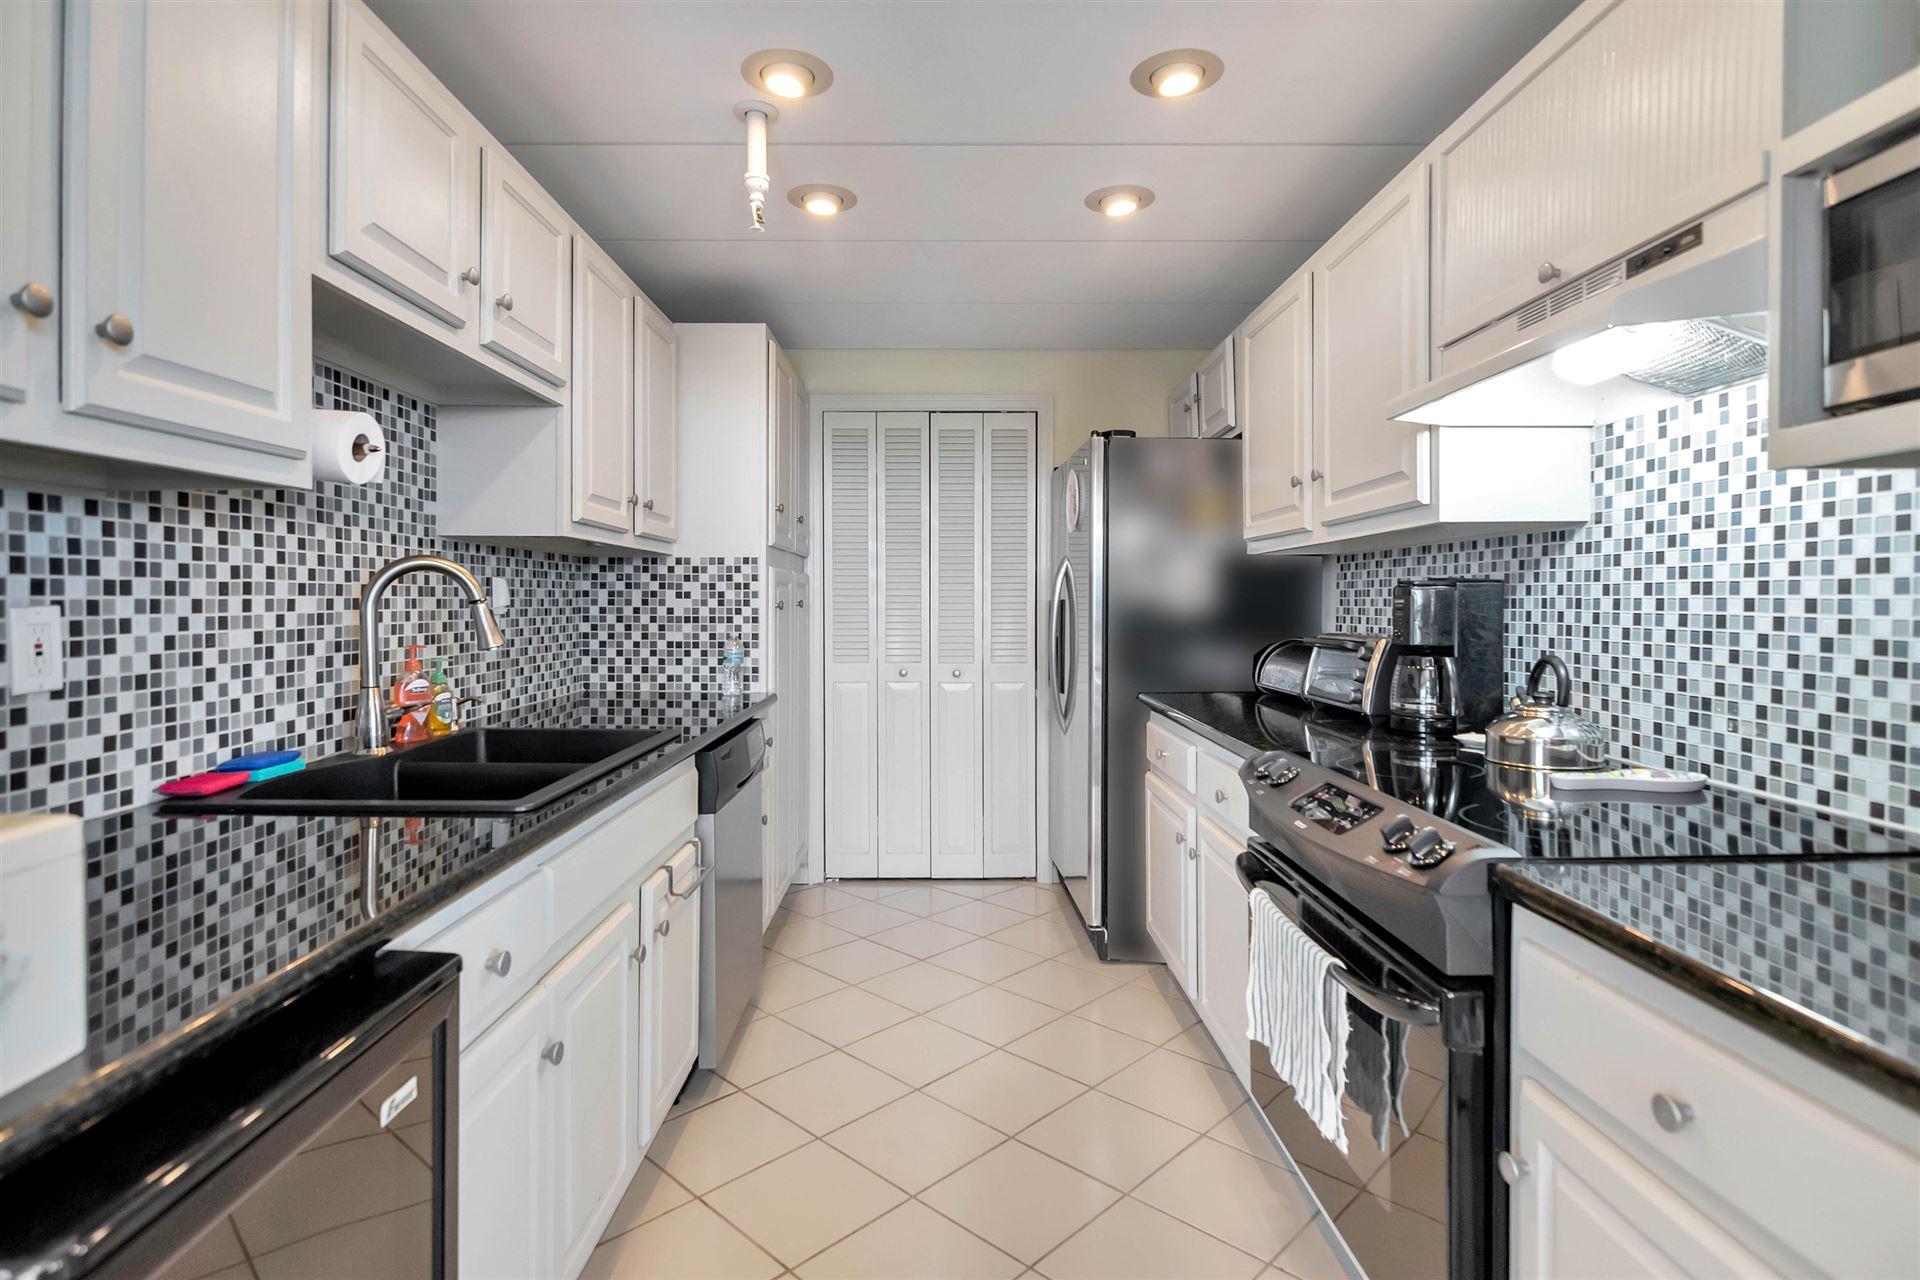 859 Jeffery Street #408, Boca Raton, FL 33487 - MLS#: RX-10688643